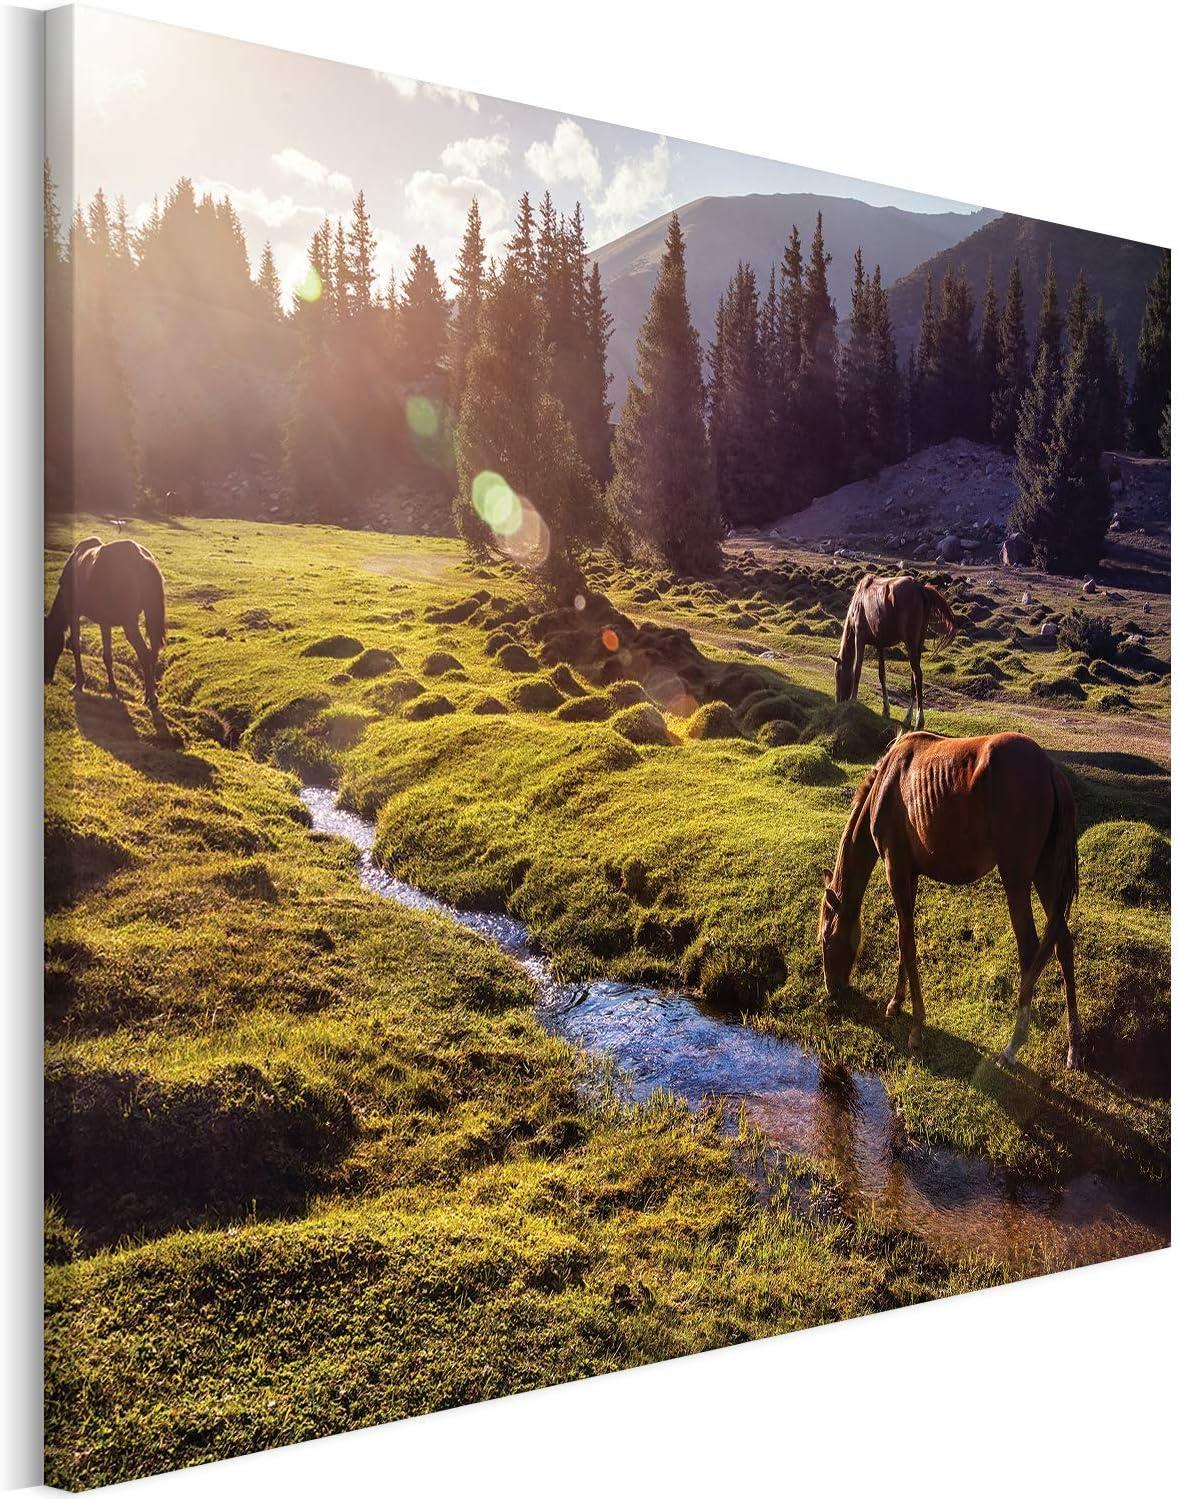 Revolio - Cuadro en Lienzo - impresión artística - Decoracion de Pared - Tamaño: 40x30 cm - Caballos montańas Verde